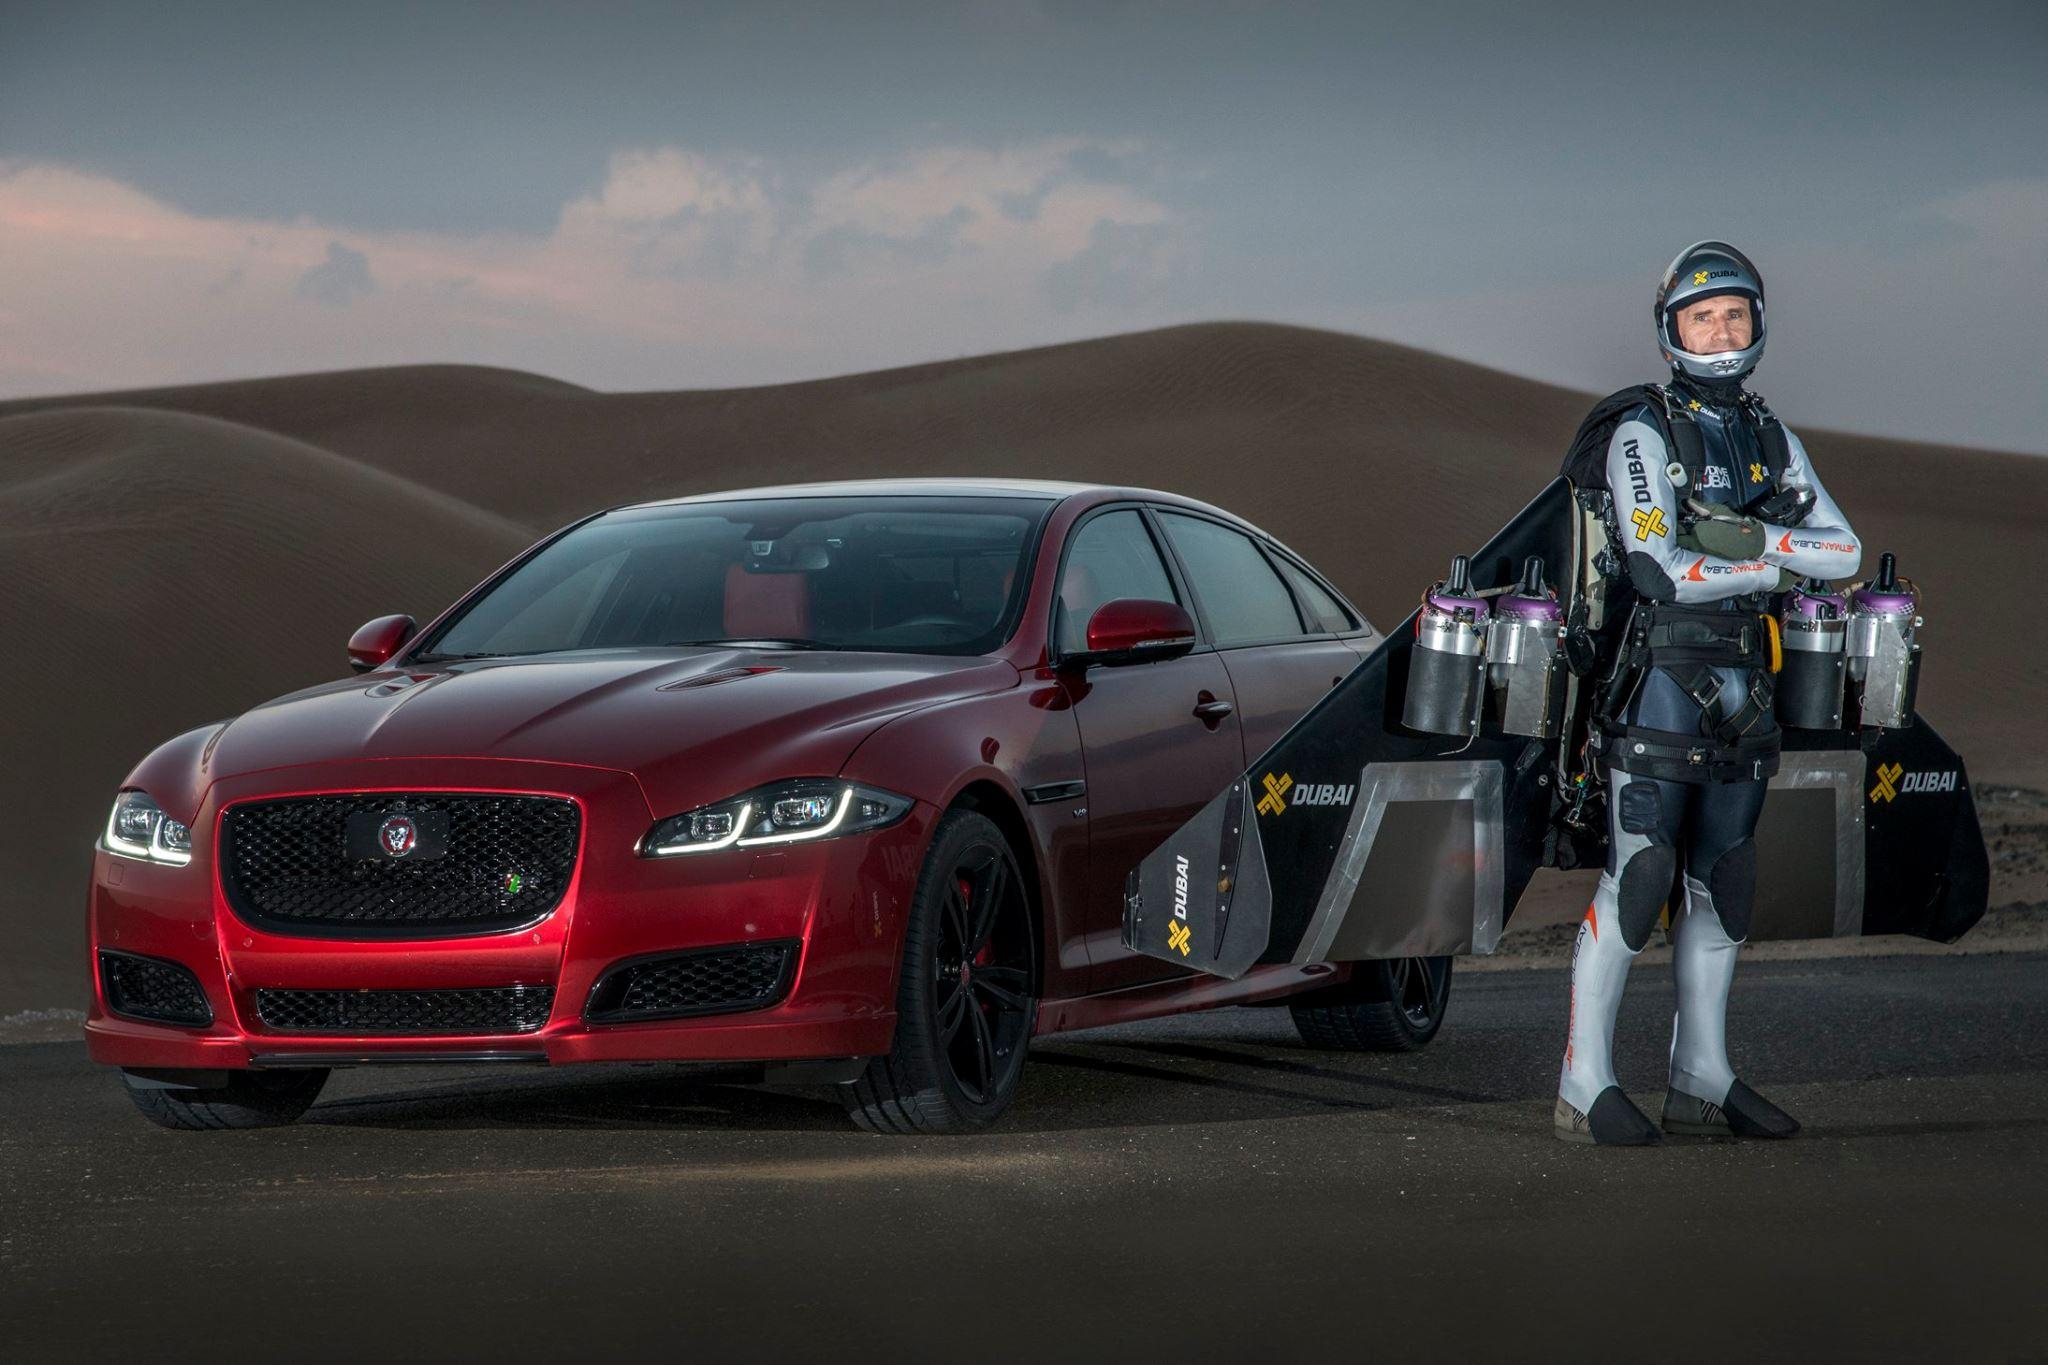 Jaguar XJR vs Jetman